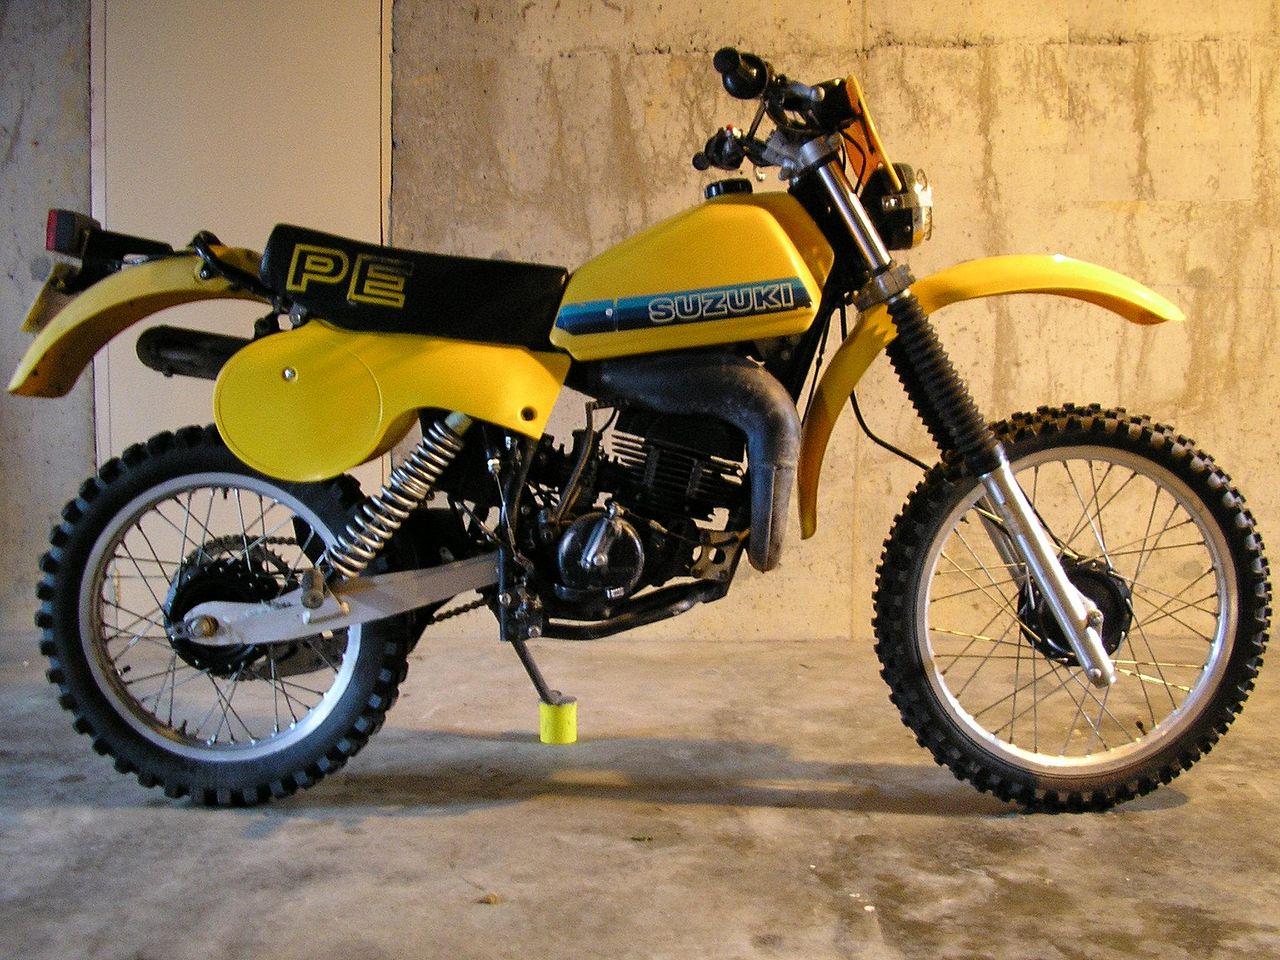 Suzuki Pe   For Sale